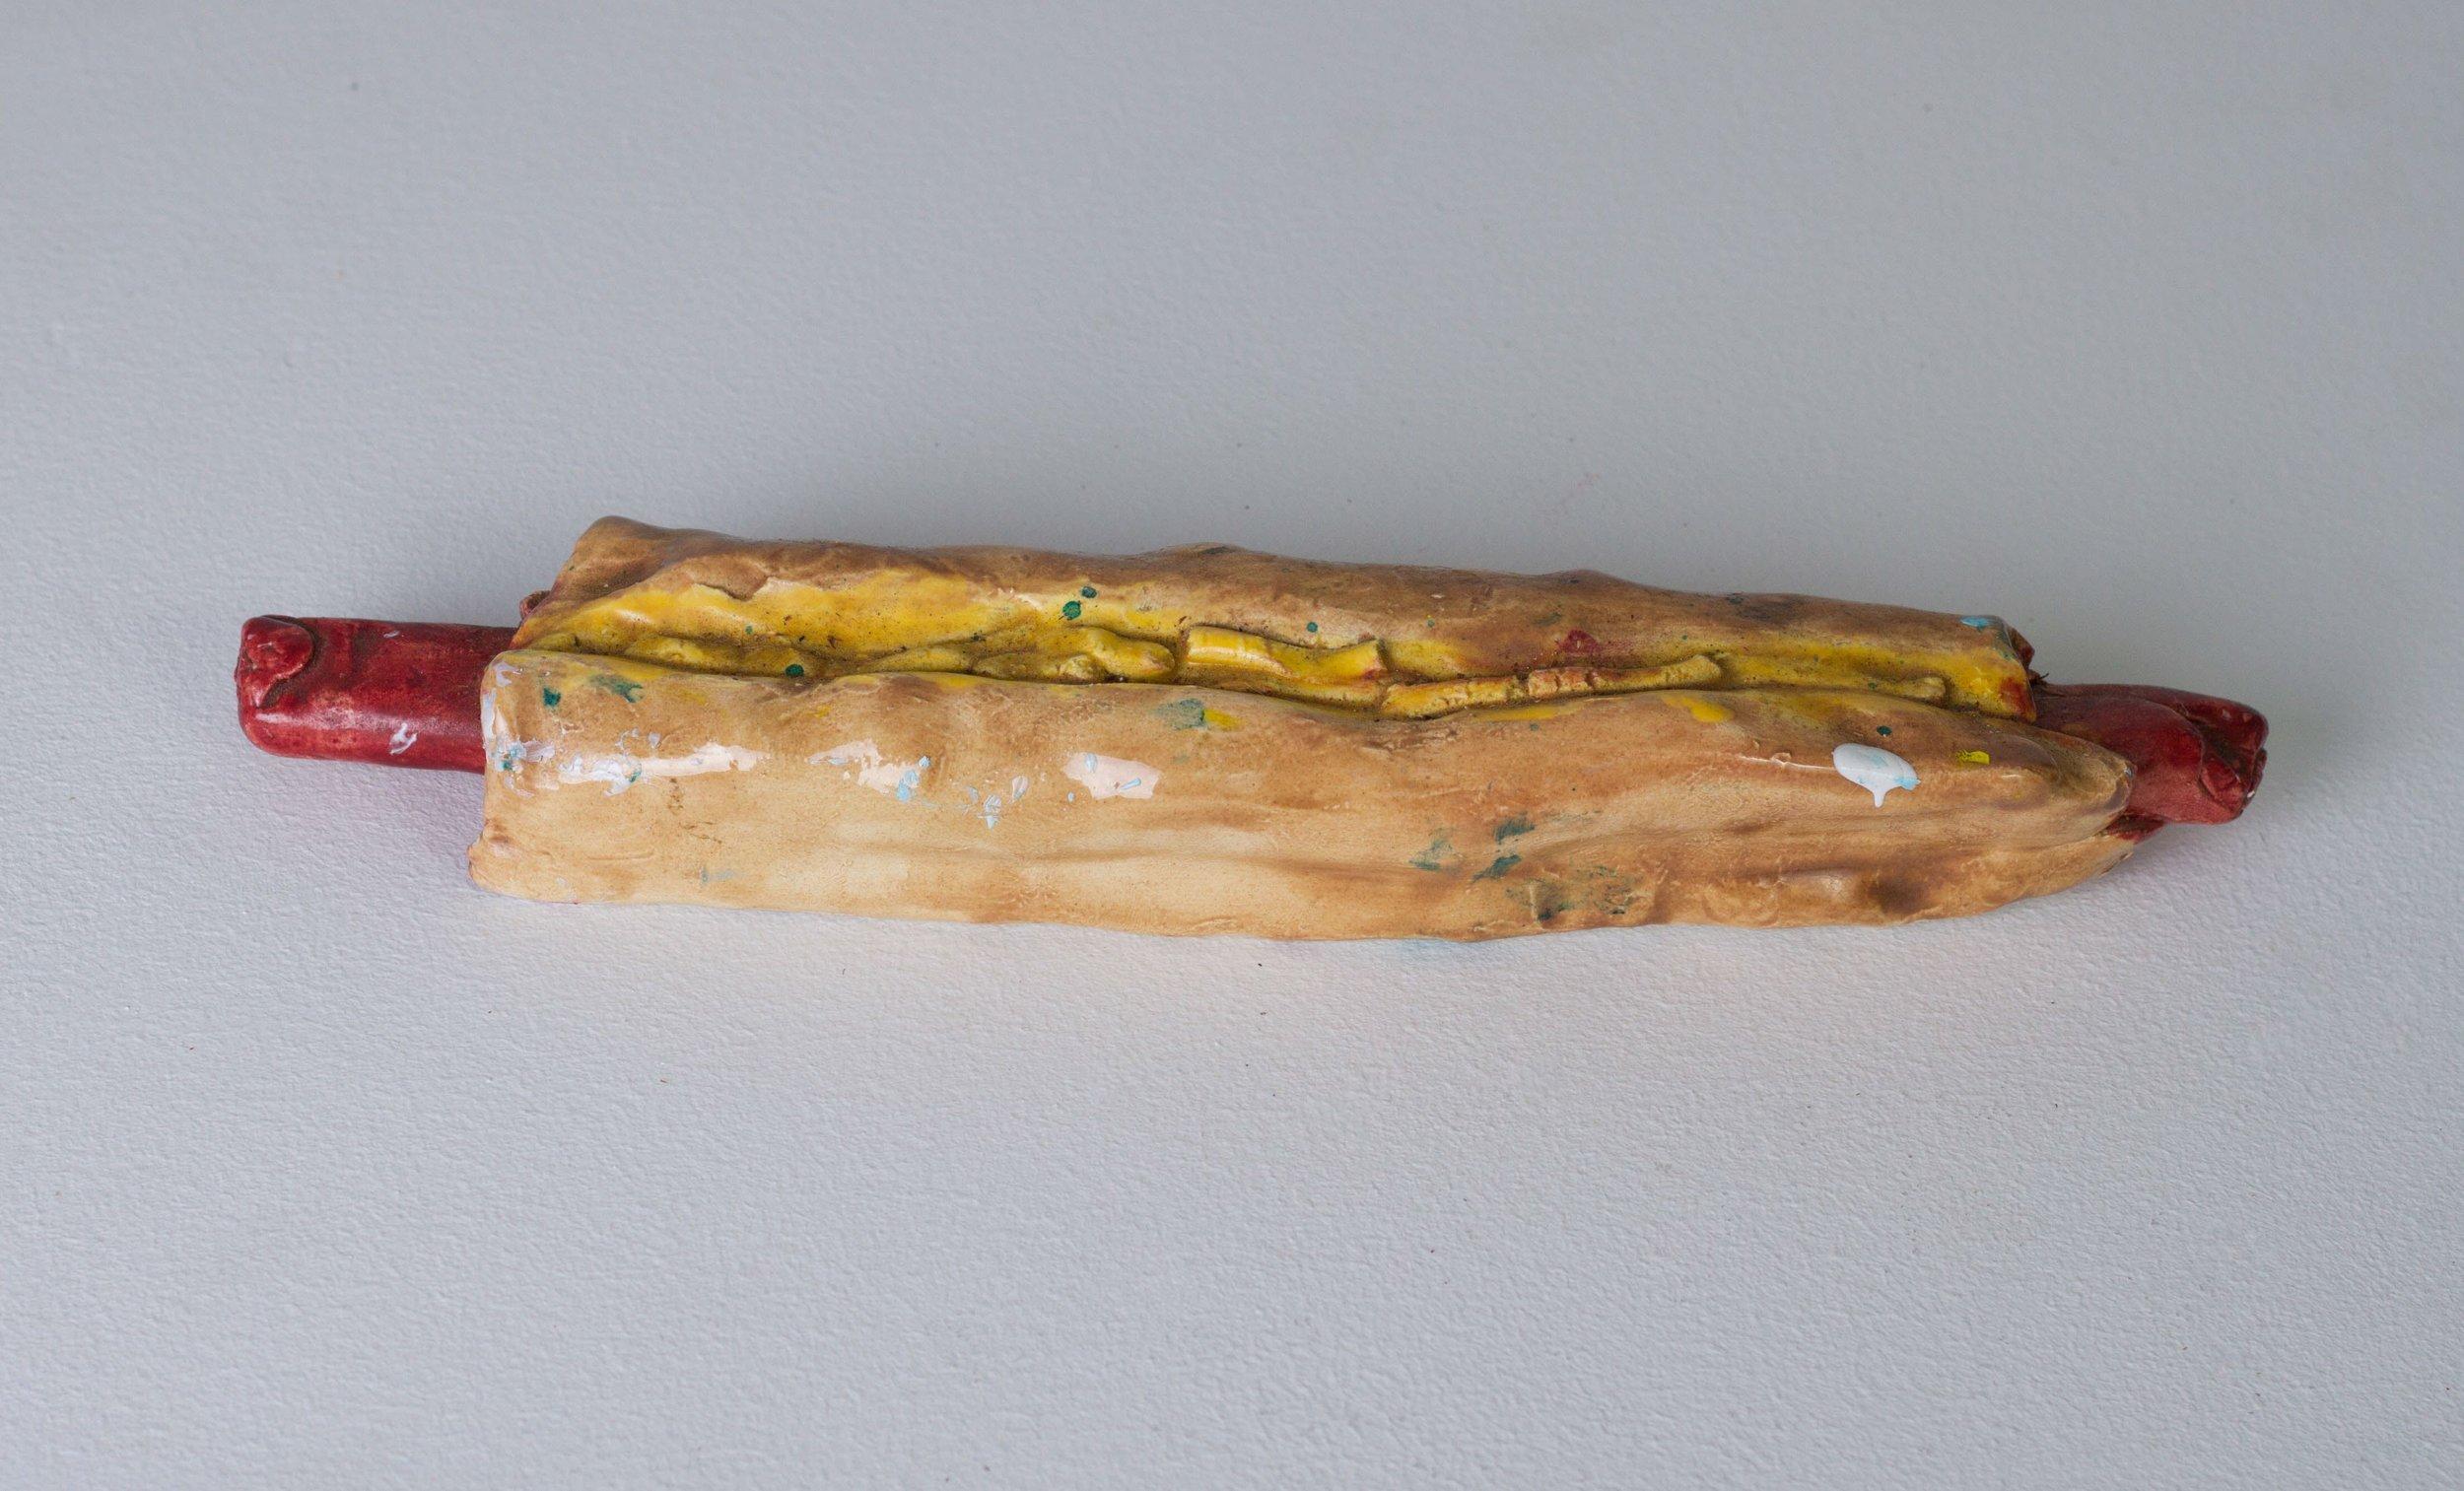 Tommy Hartung    Hot Dog , 2016  Glazed ceramic  1.5 x 10.75 x 2in. (3.8 x 27.3 x 5.1cm)